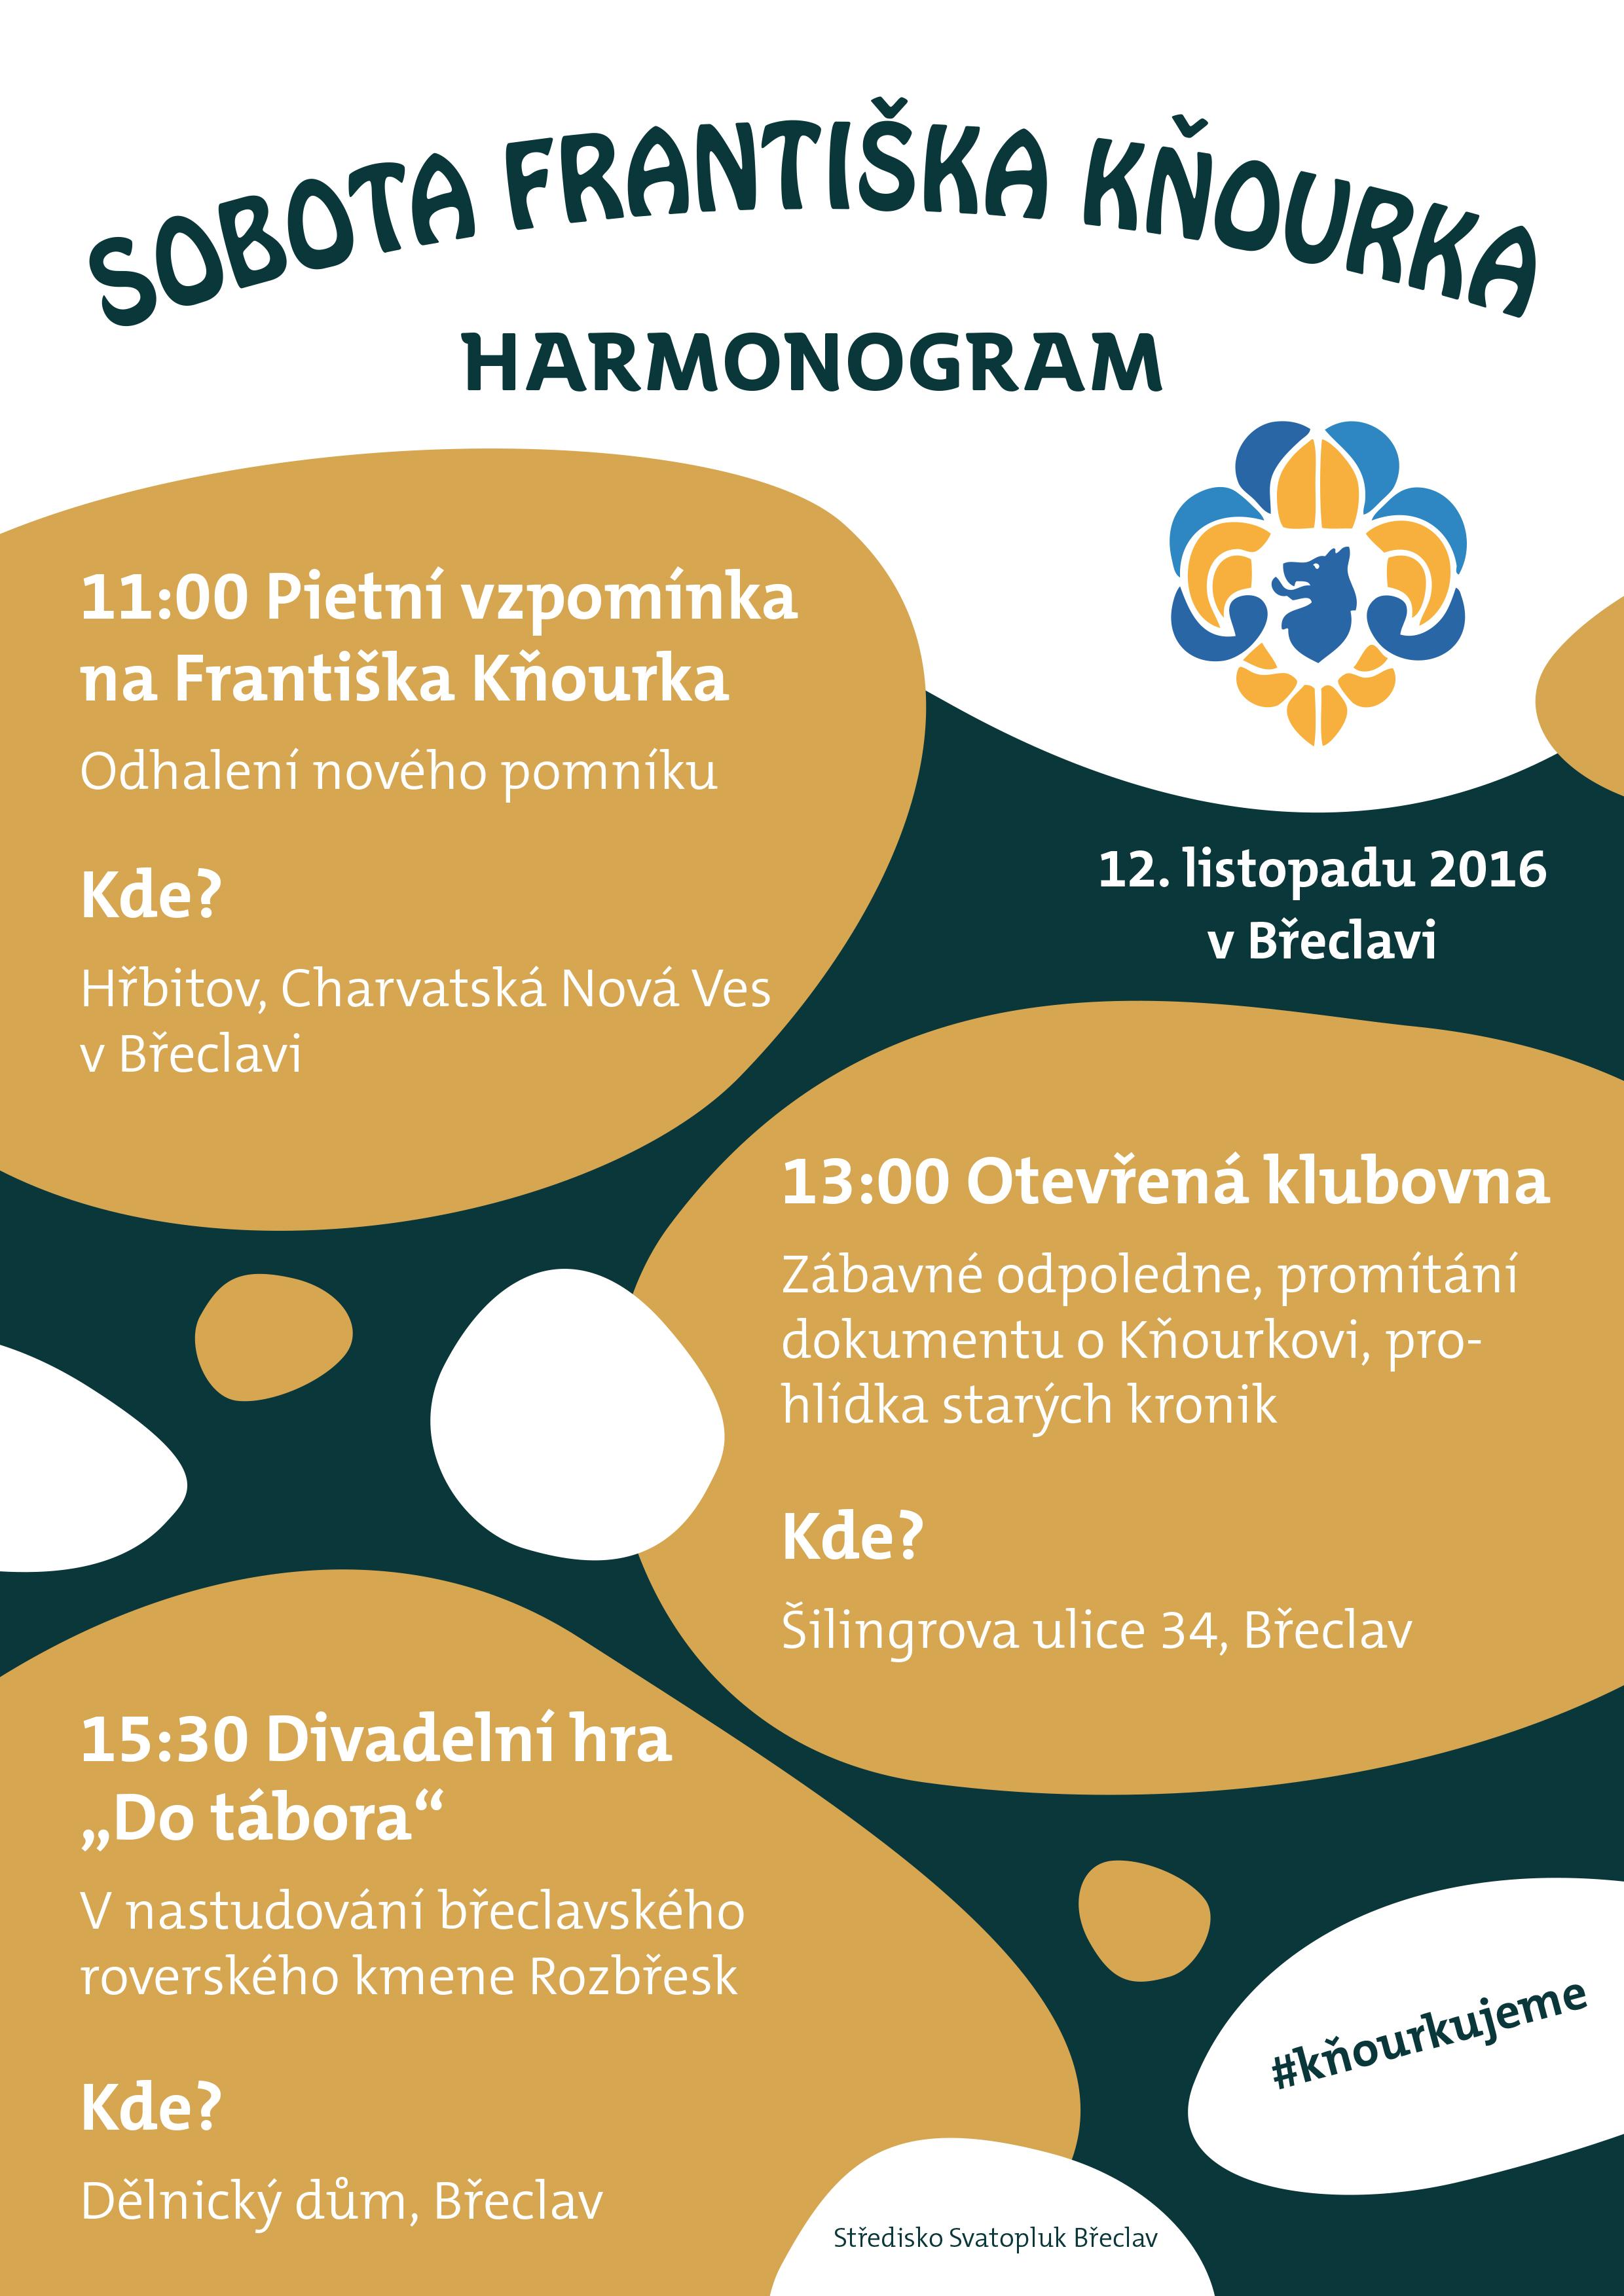 knourek-harmonogram